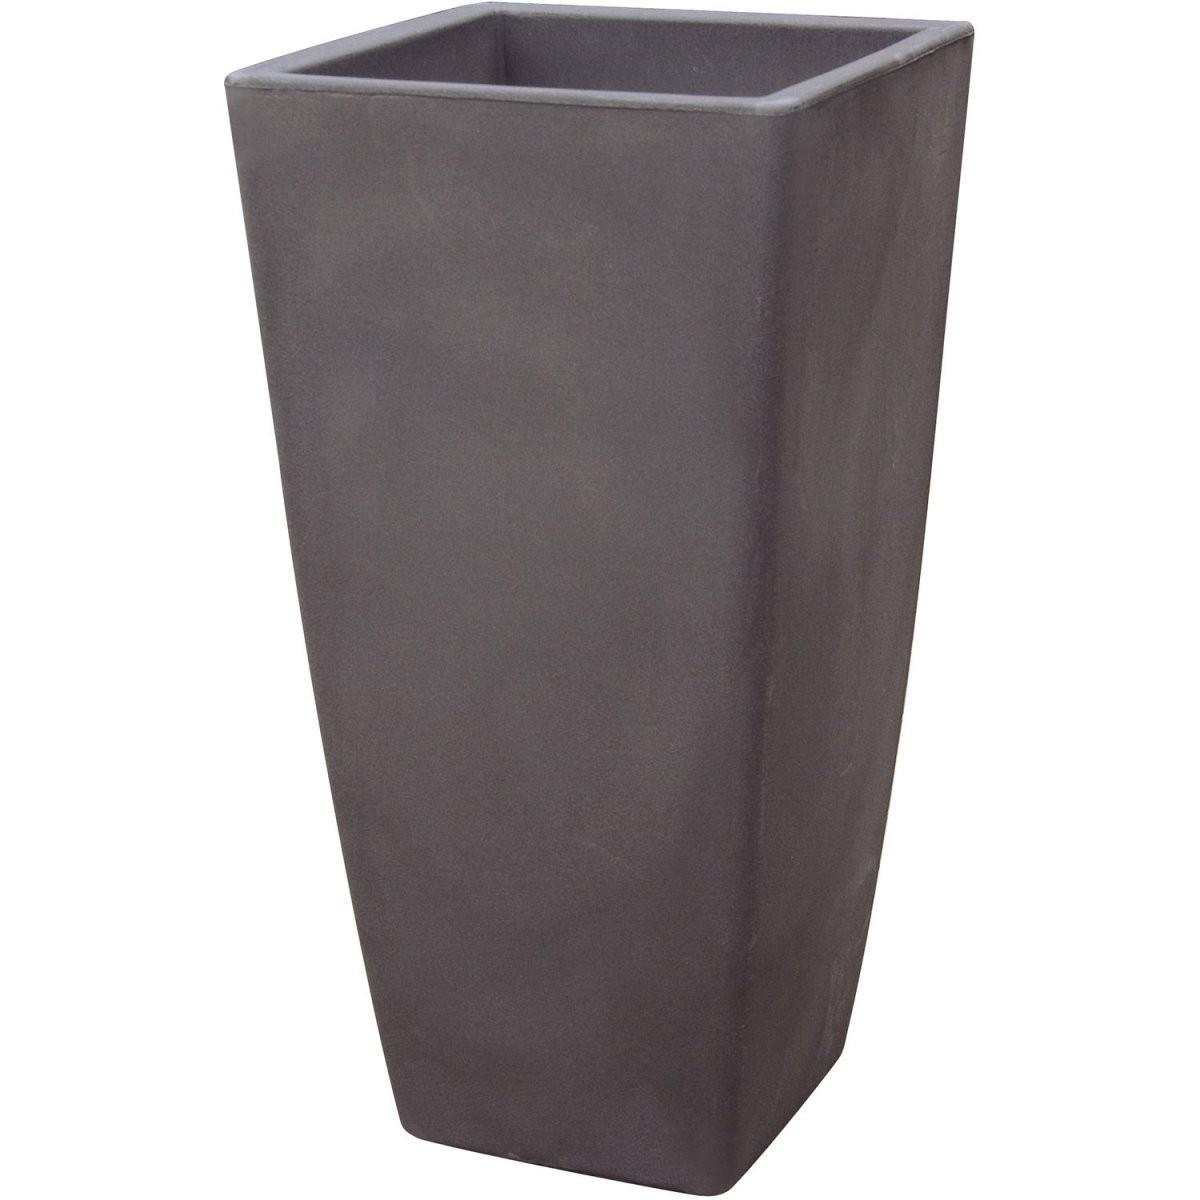 Pflanzkübel Kaufen Bei Obi von Pflanzkübel 80 Cm Durchmesser Bild